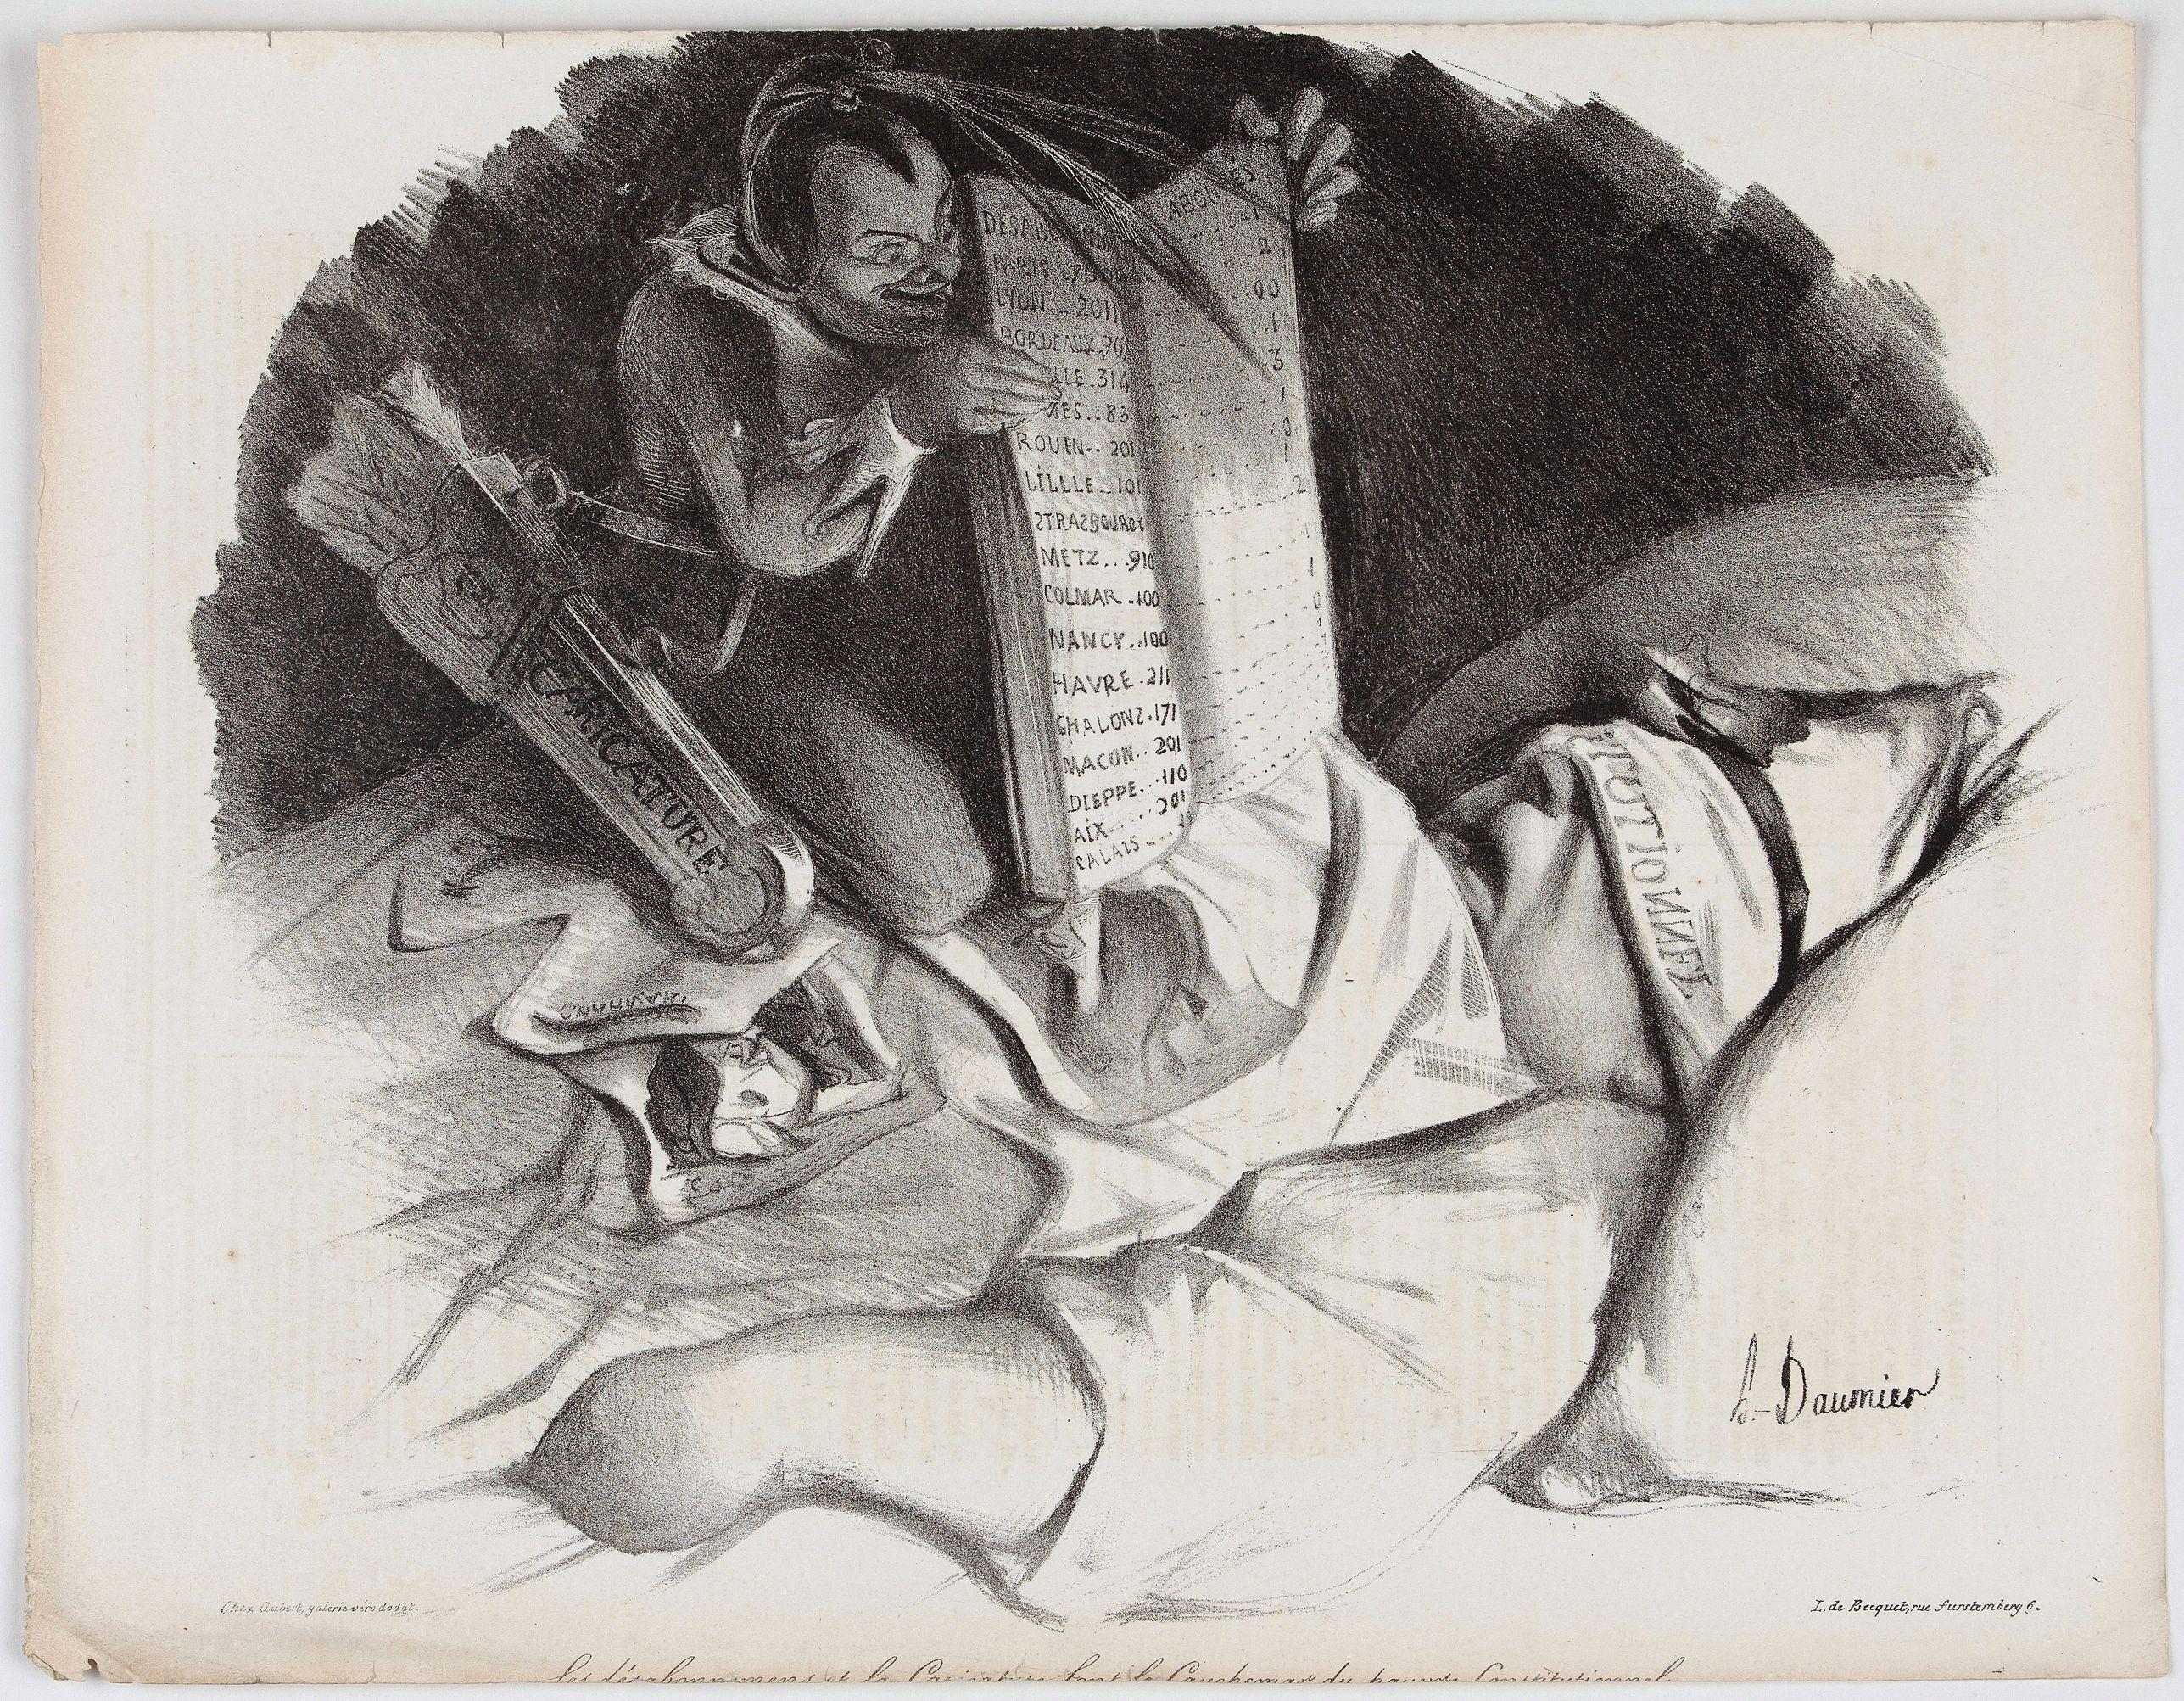 DAUMIER, H. -  Les désabonnemens et la caricature font le cauchemar du pauvre constitutionnel.